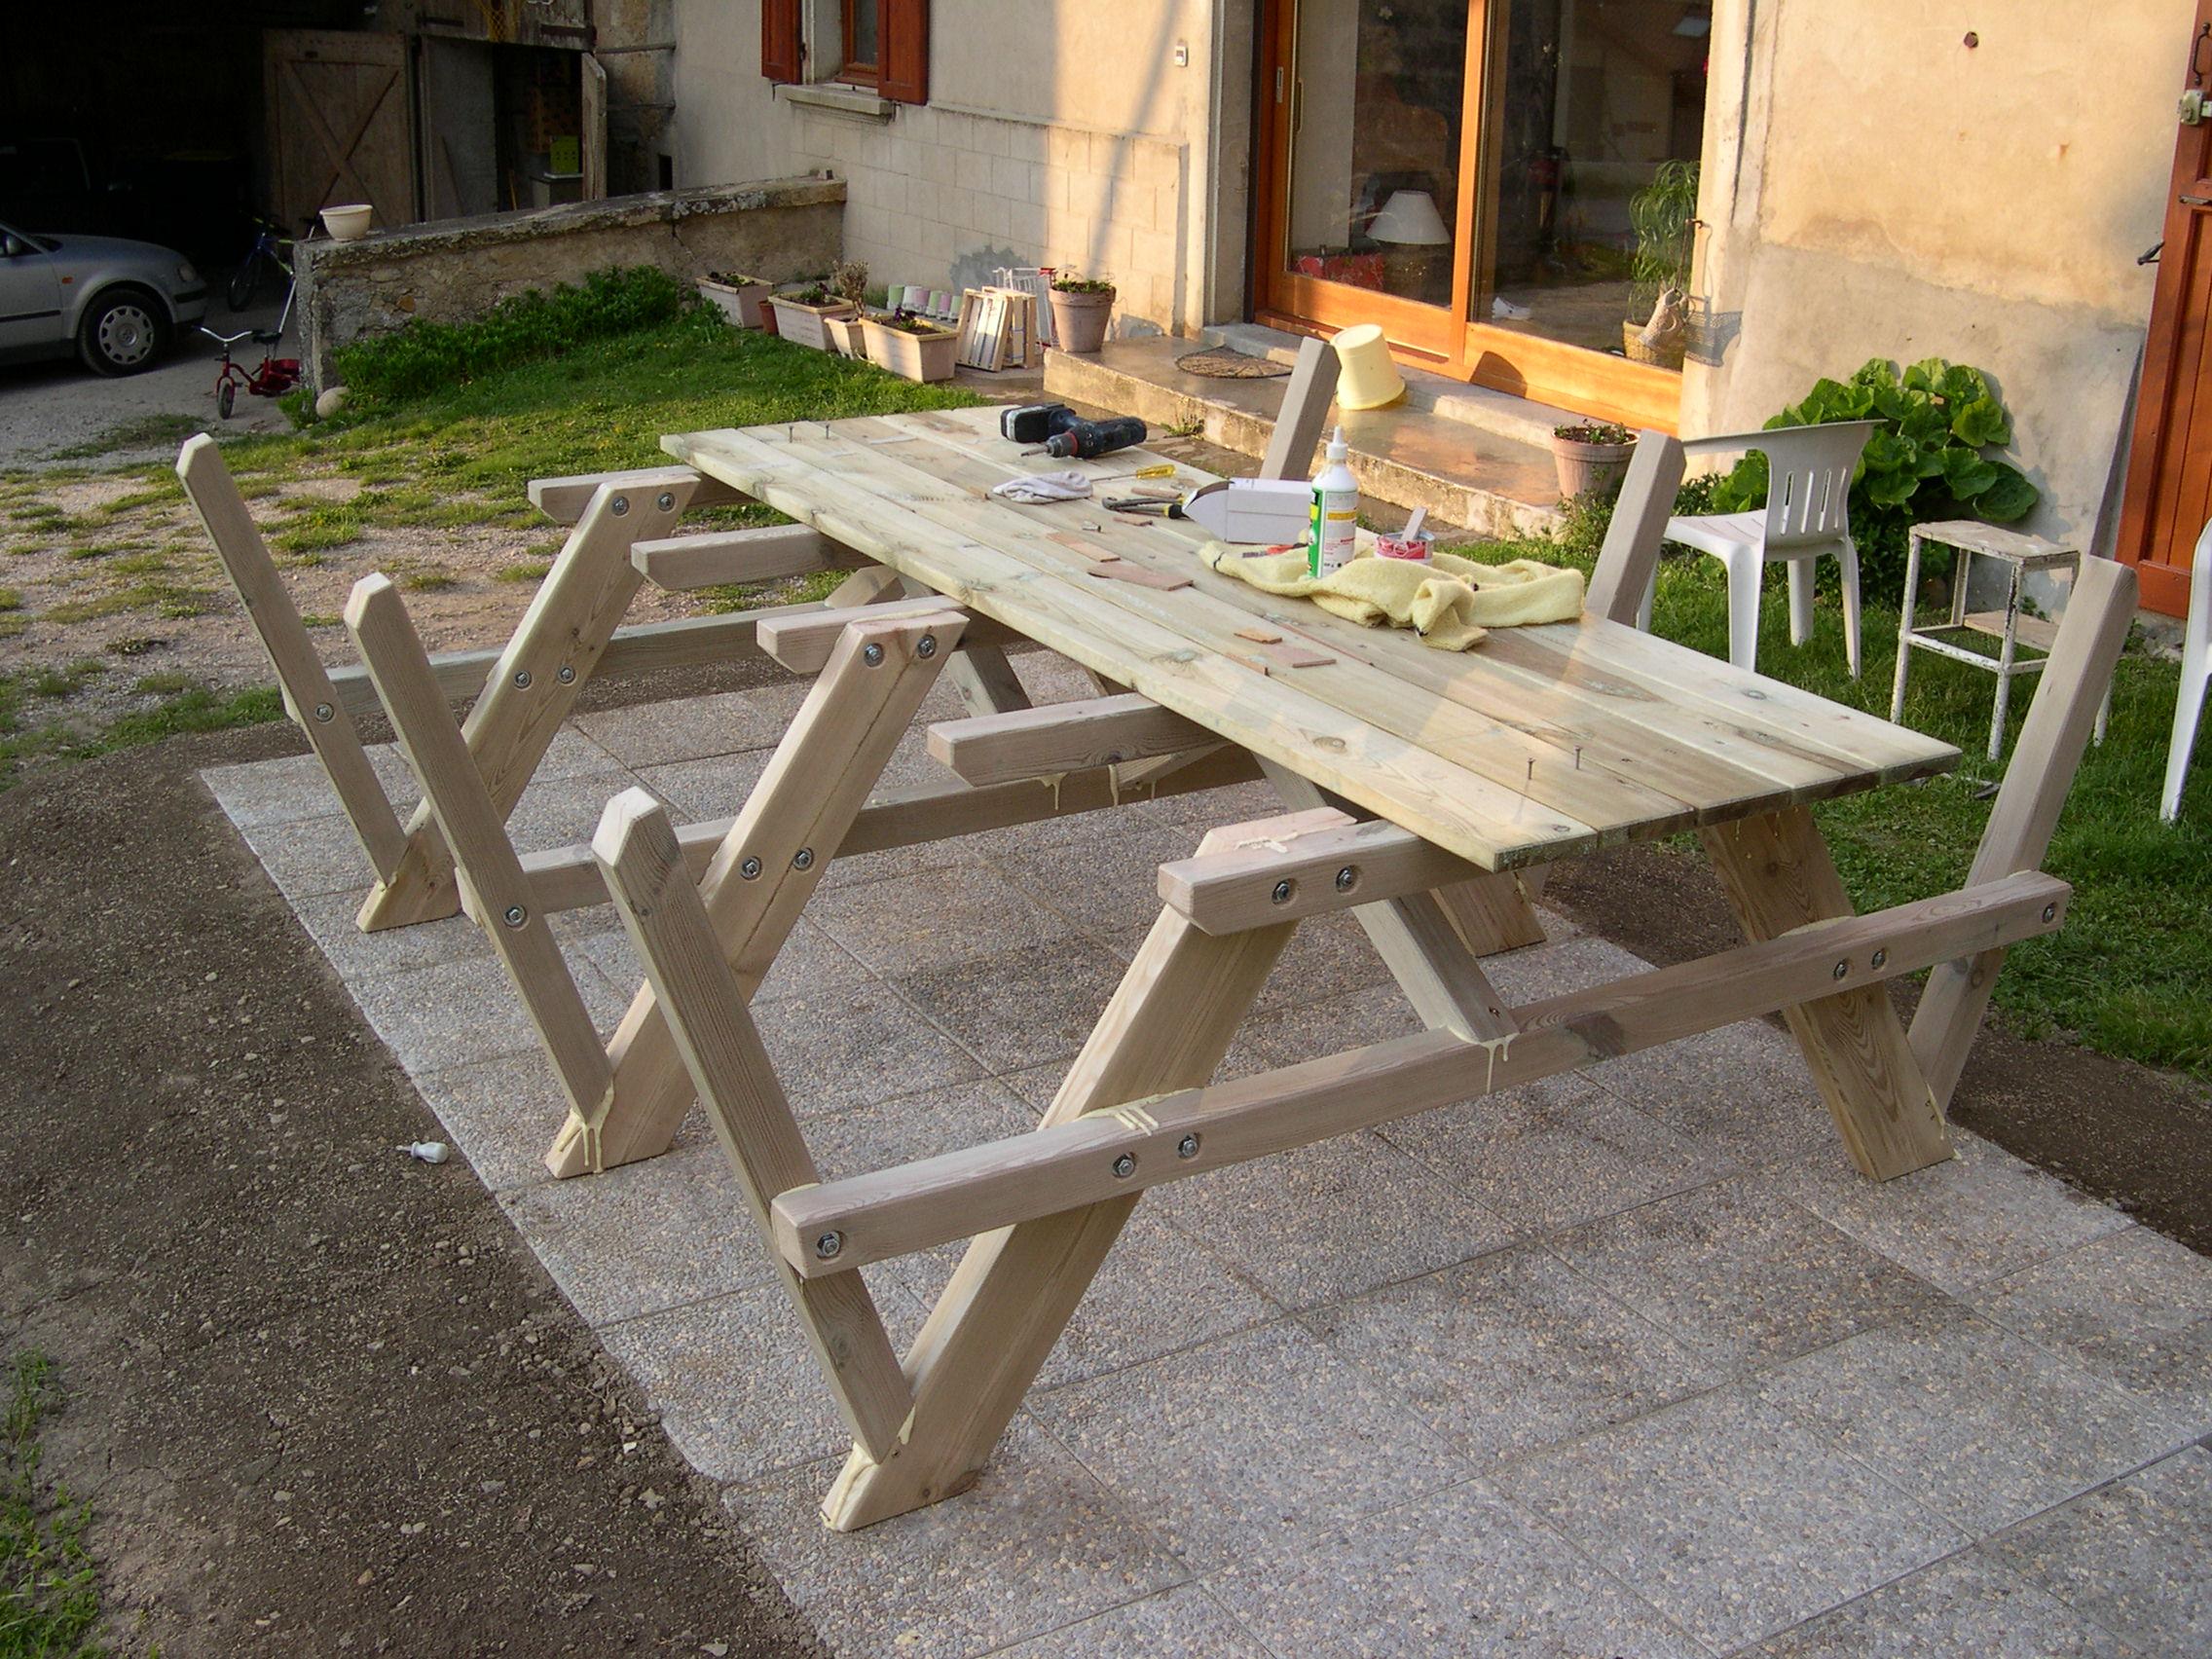 Construction d\'une table pique-nique   Asv850